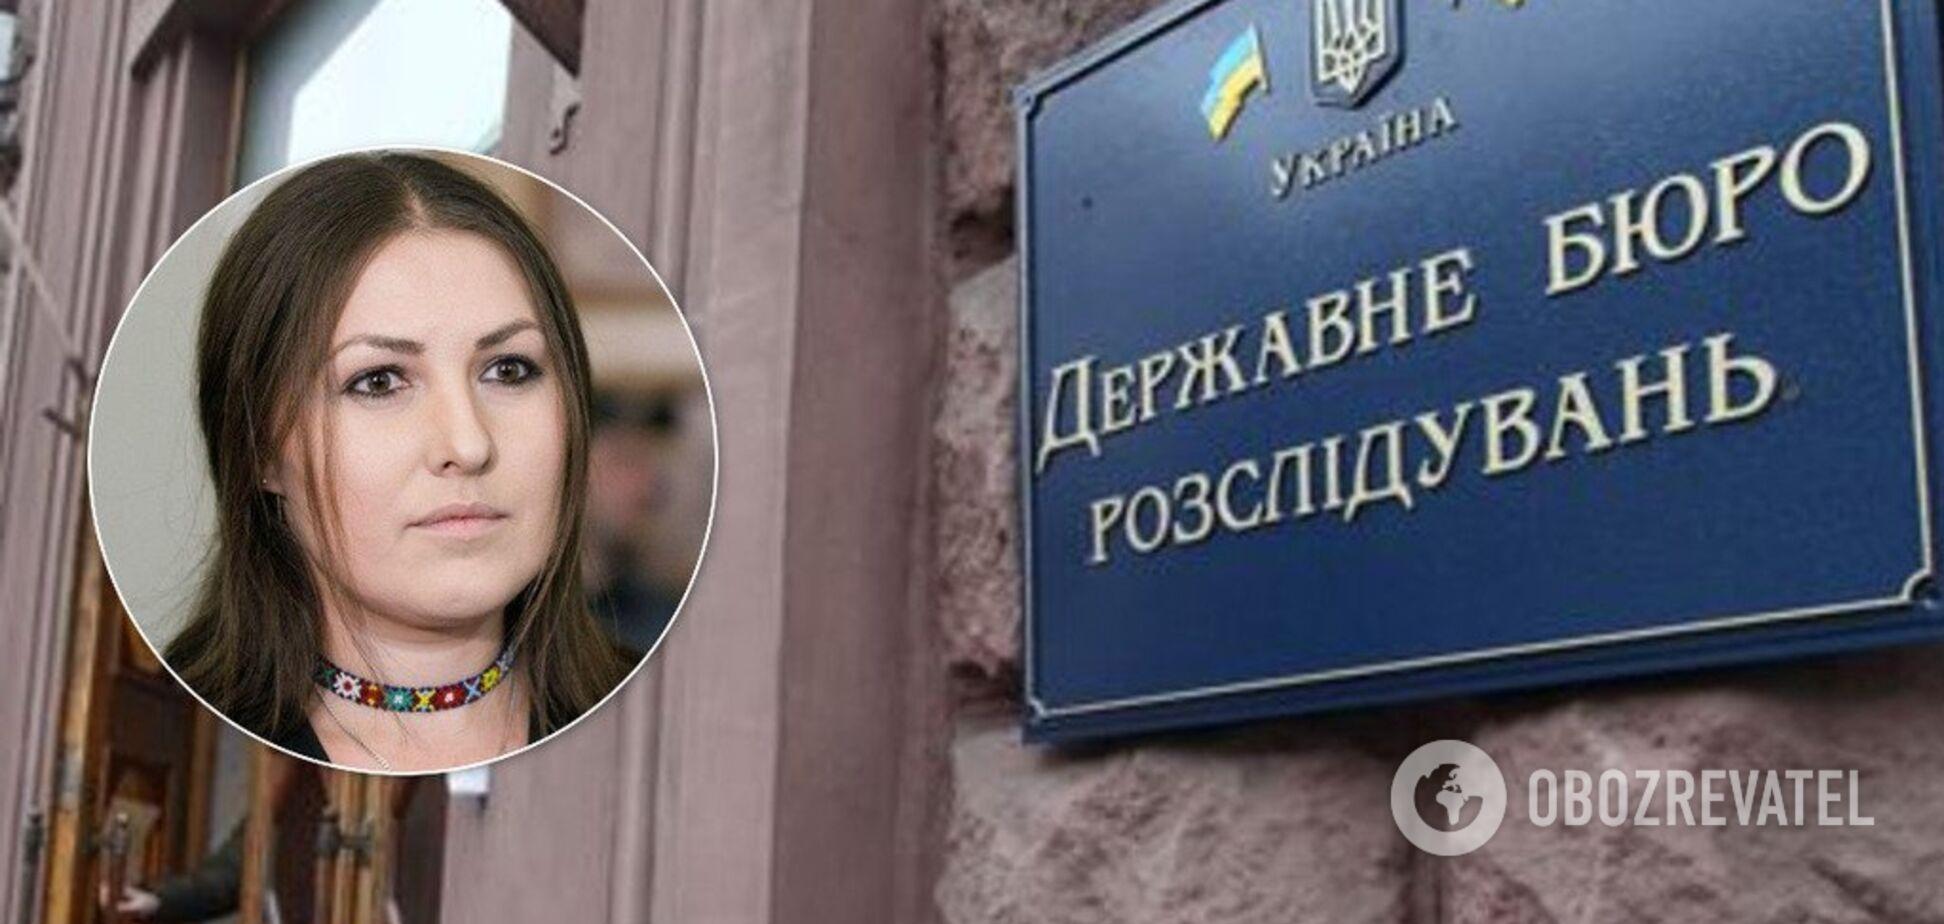 Нардепку викликали у ДБР для вручення підозри: у чому звинувачують